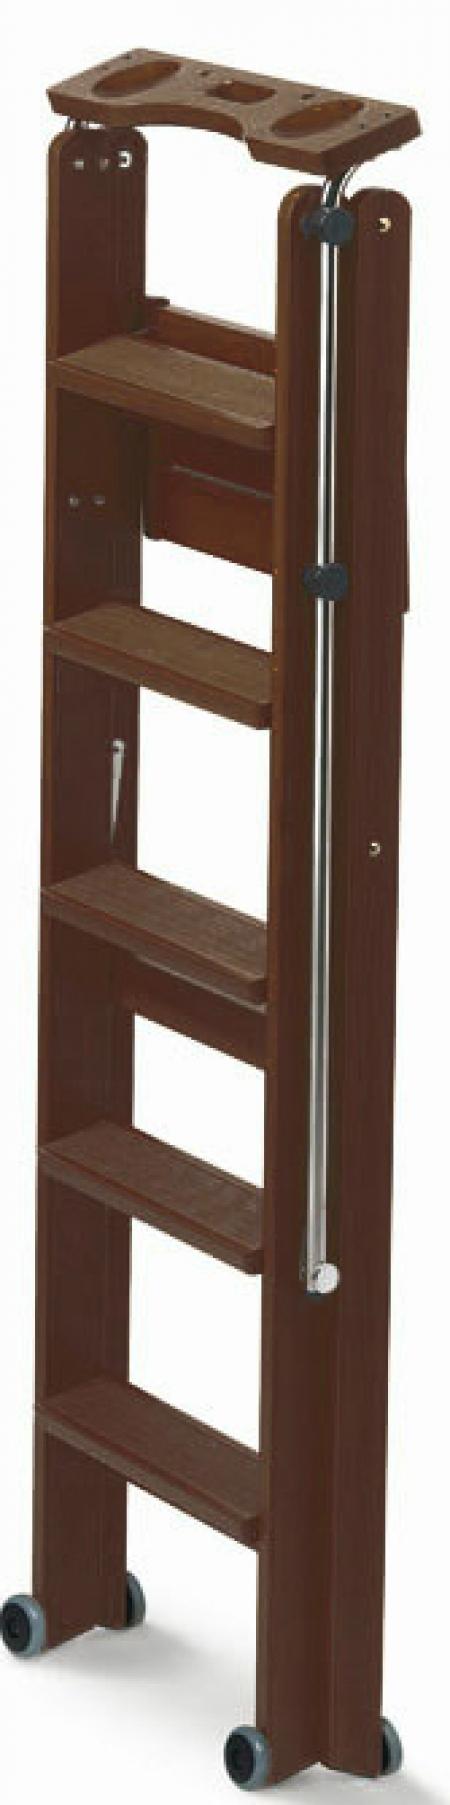 Деревянная лестница-стремянка 4 ступени Tuscania, Каналетто (арт. 170/4K)